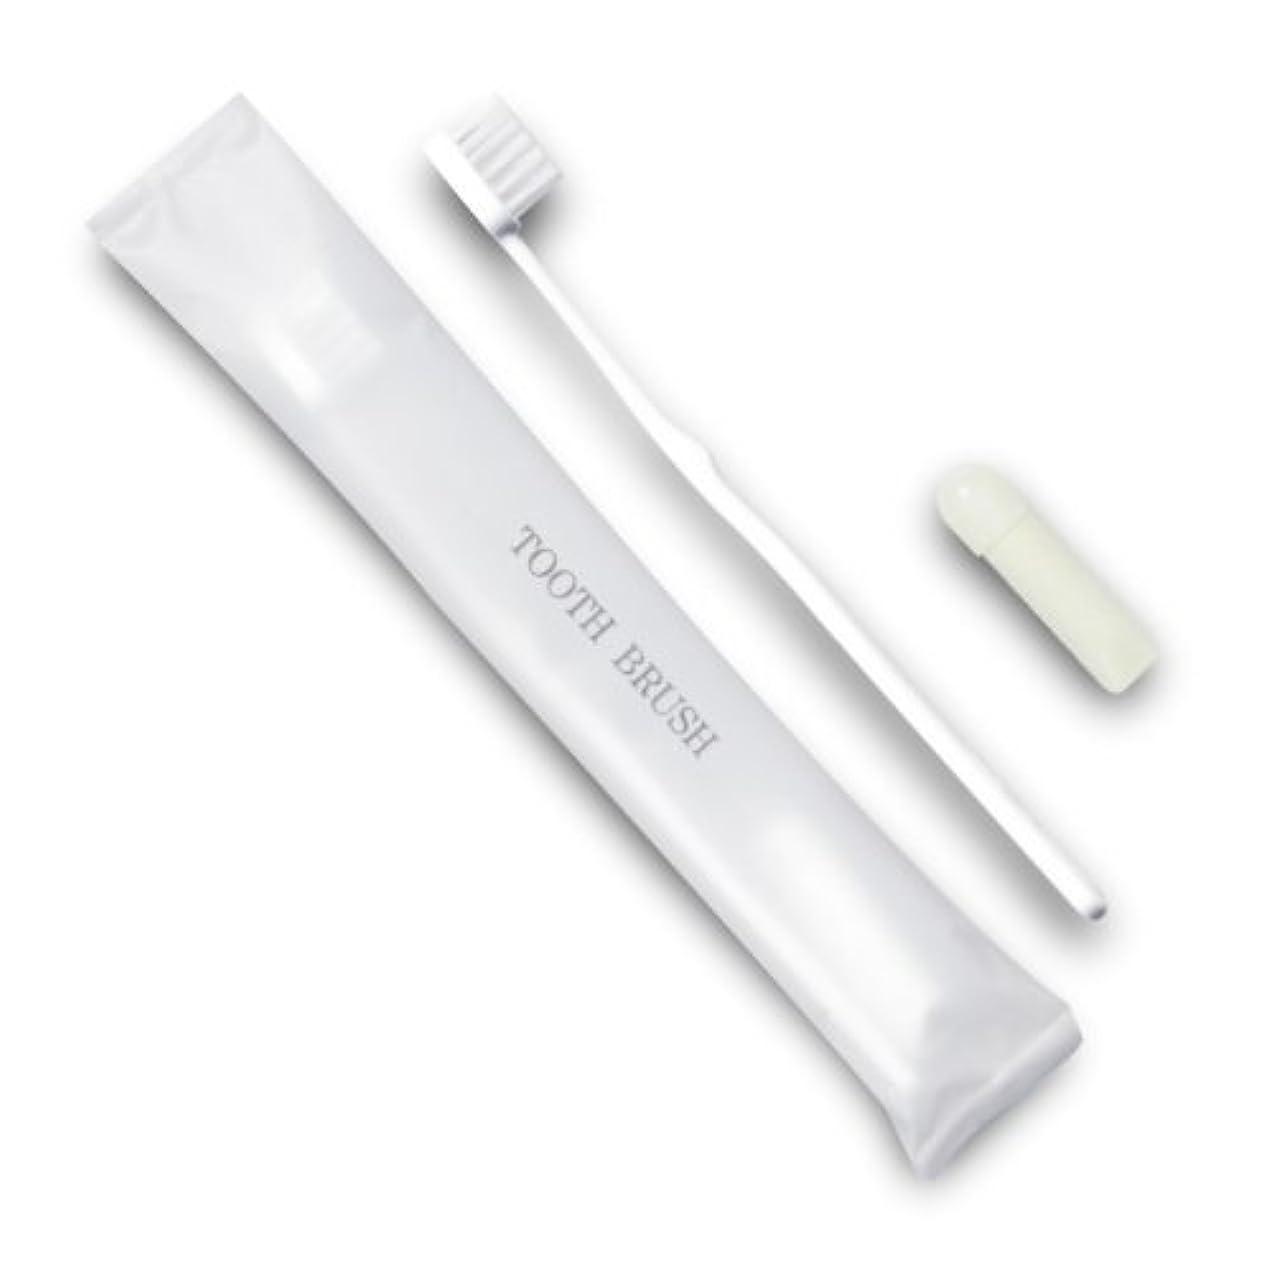 キャビン広がり揺れるホテル業務用歯ブラシ21穴(白)3gチューブ マット袋FタイプDX 700本